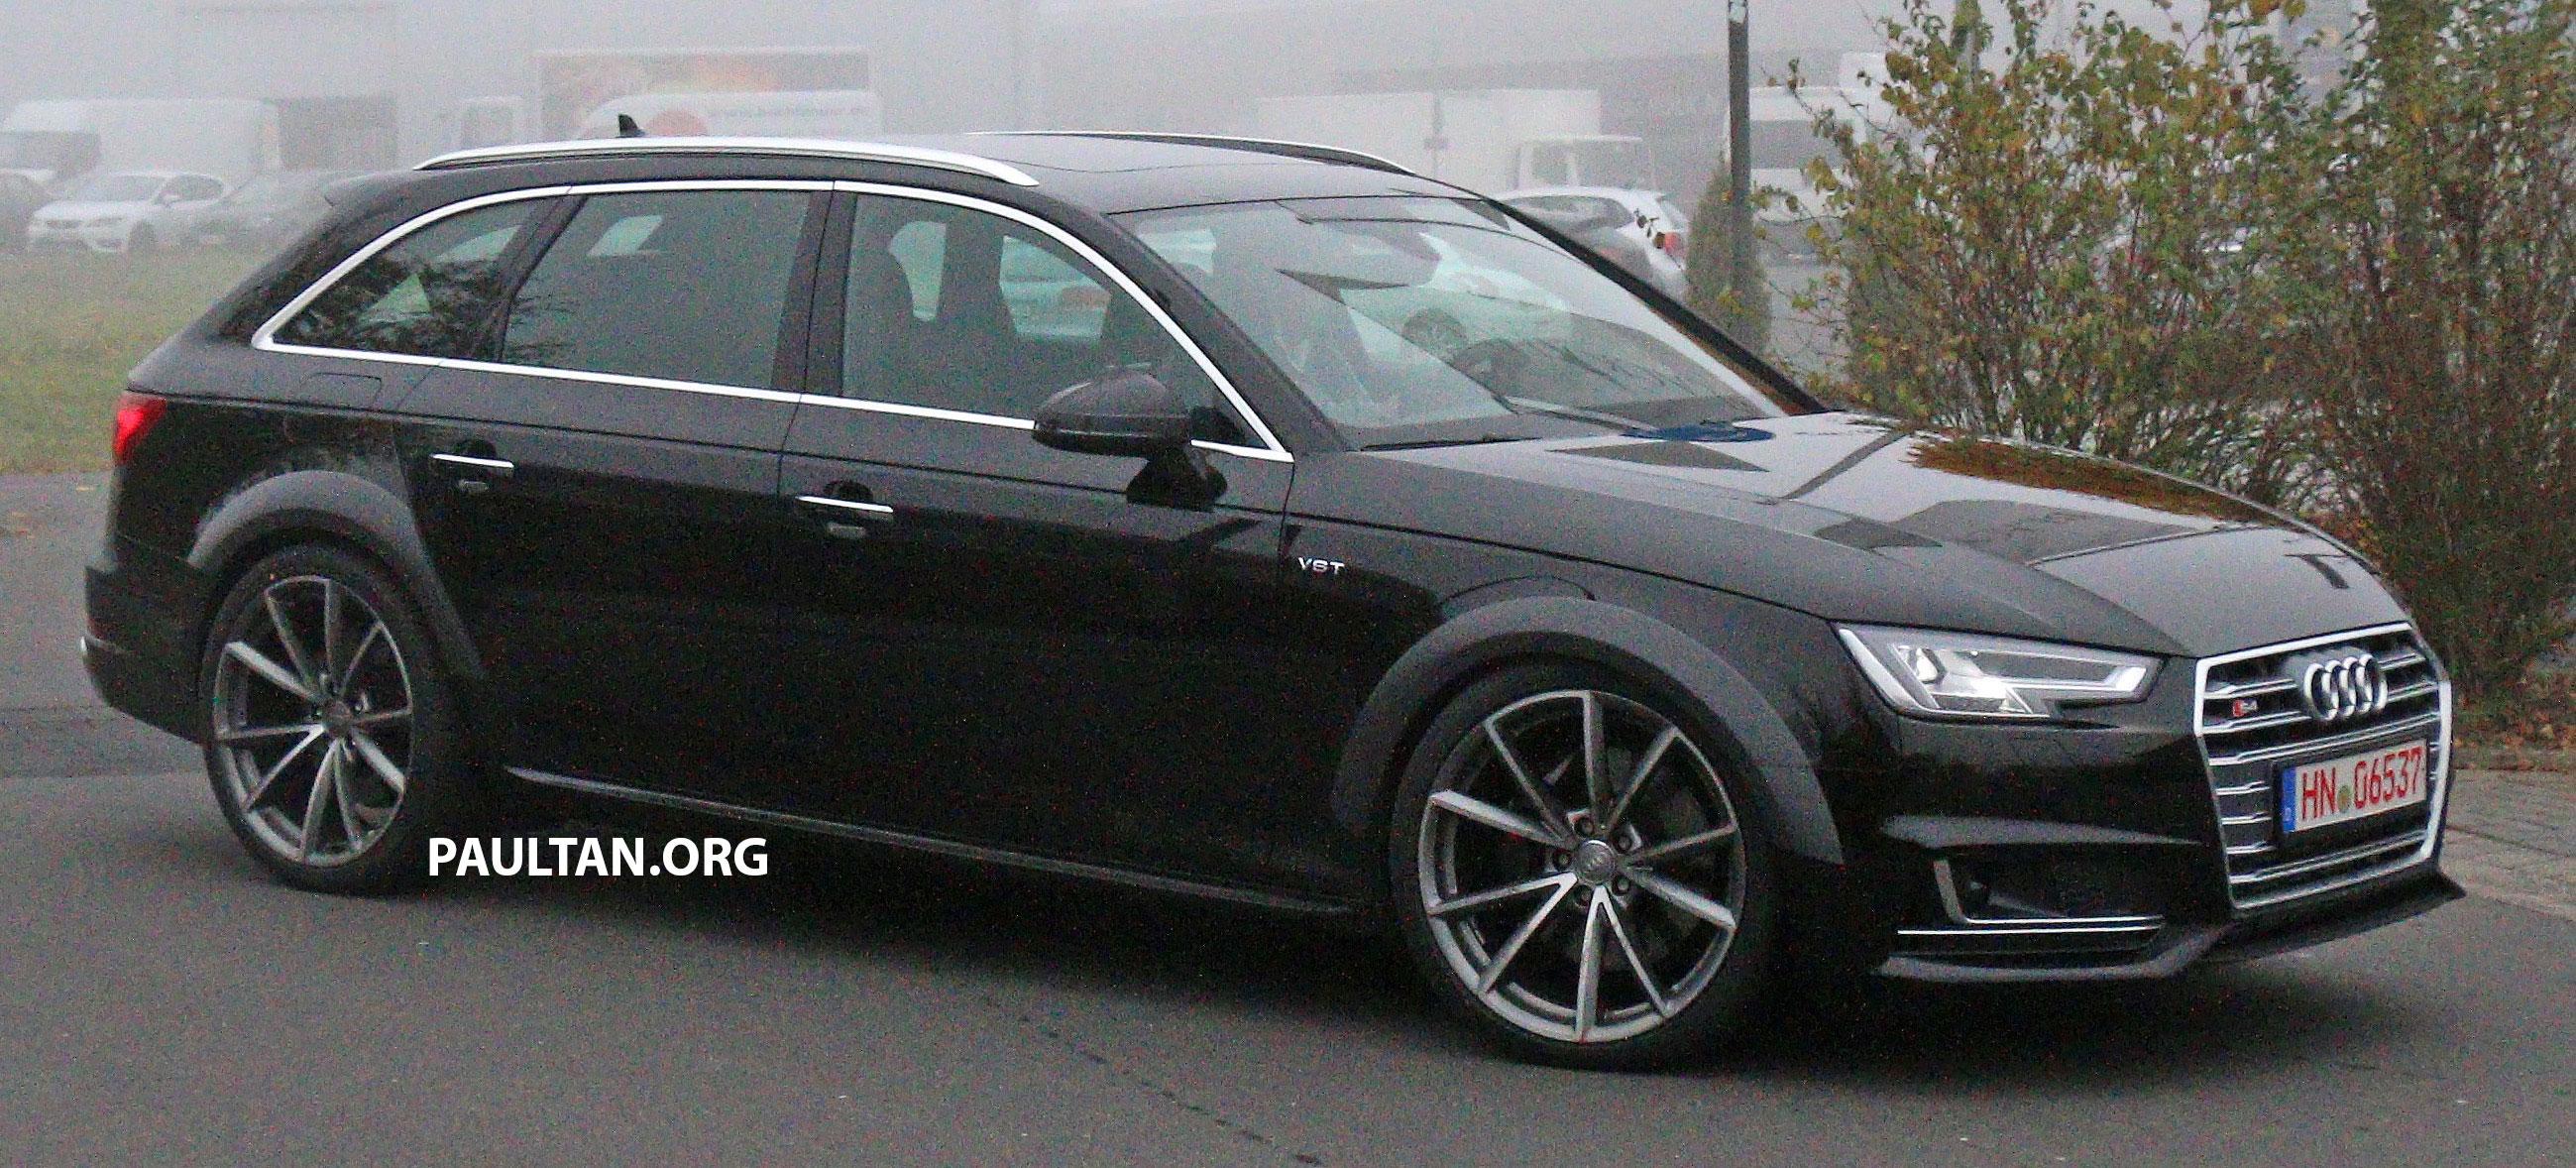 Spied Next Gen Audi Rs4 Avant Dons S4 Suit For Tests